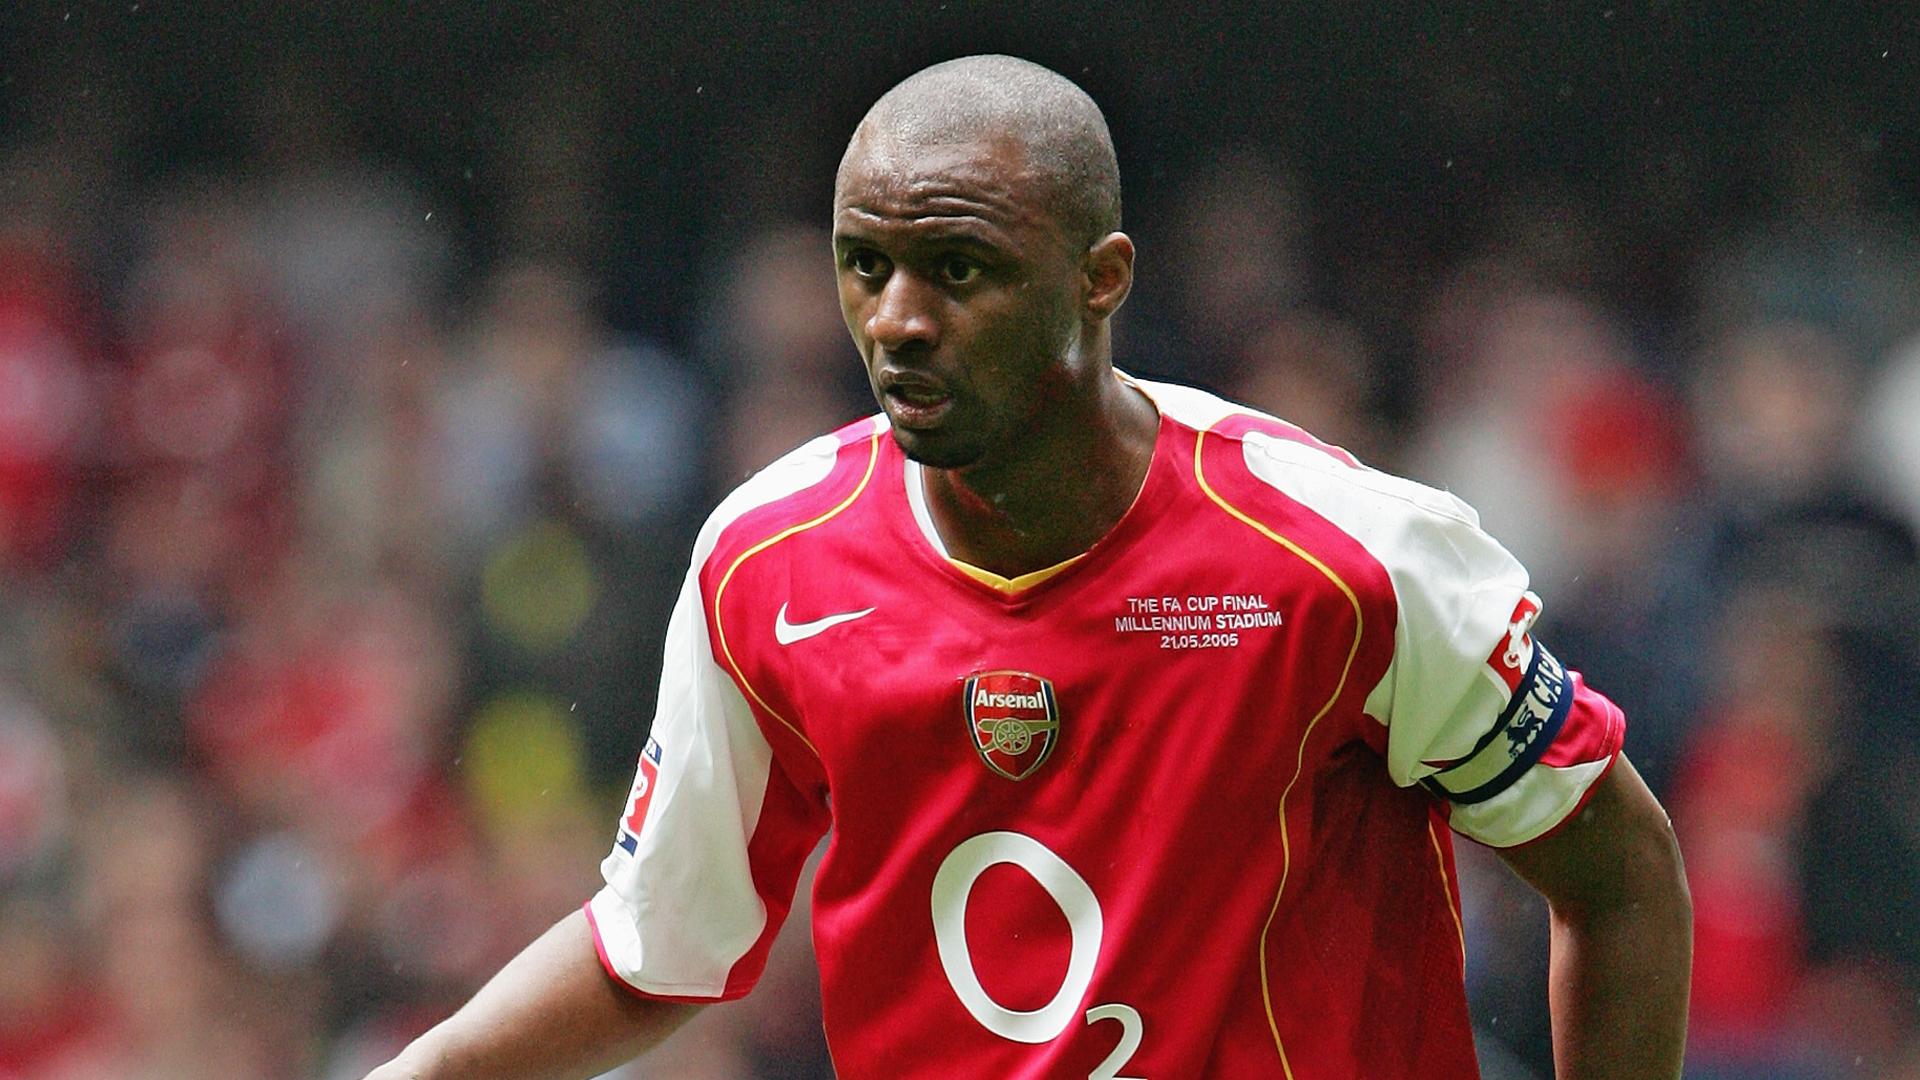 Patrick Vieira, Arsenal